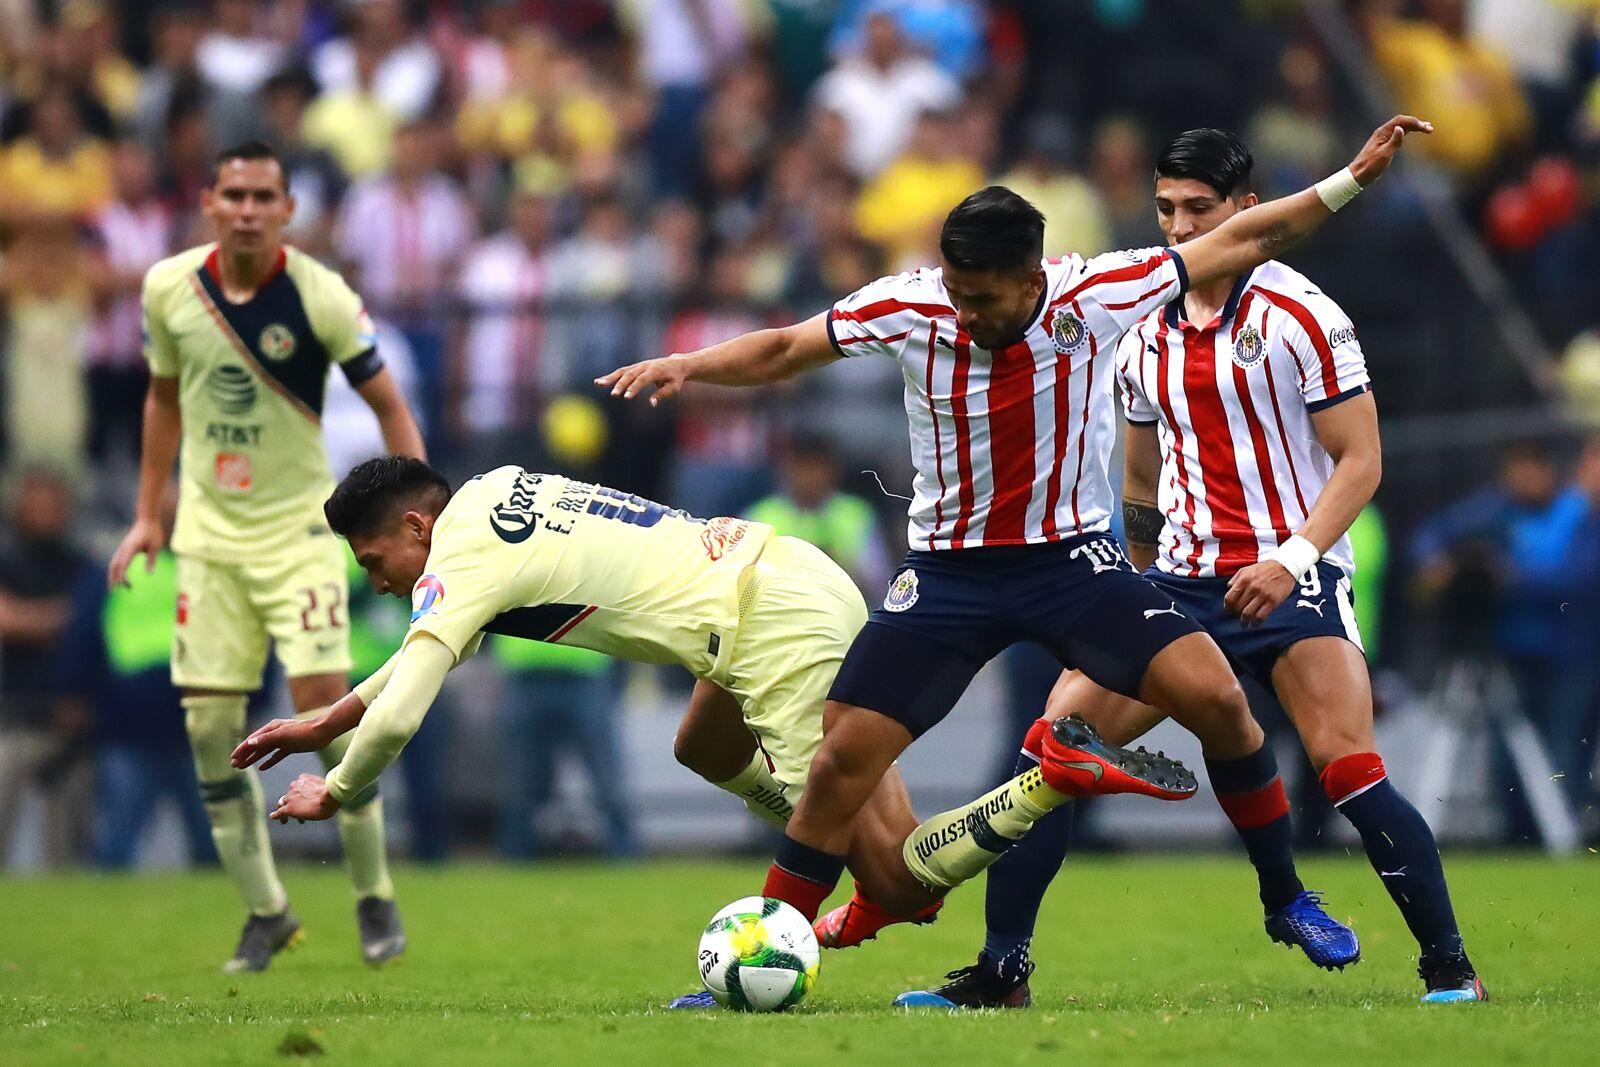 Chivas release Apertura 2019 fixture list, prompting Clasico fever